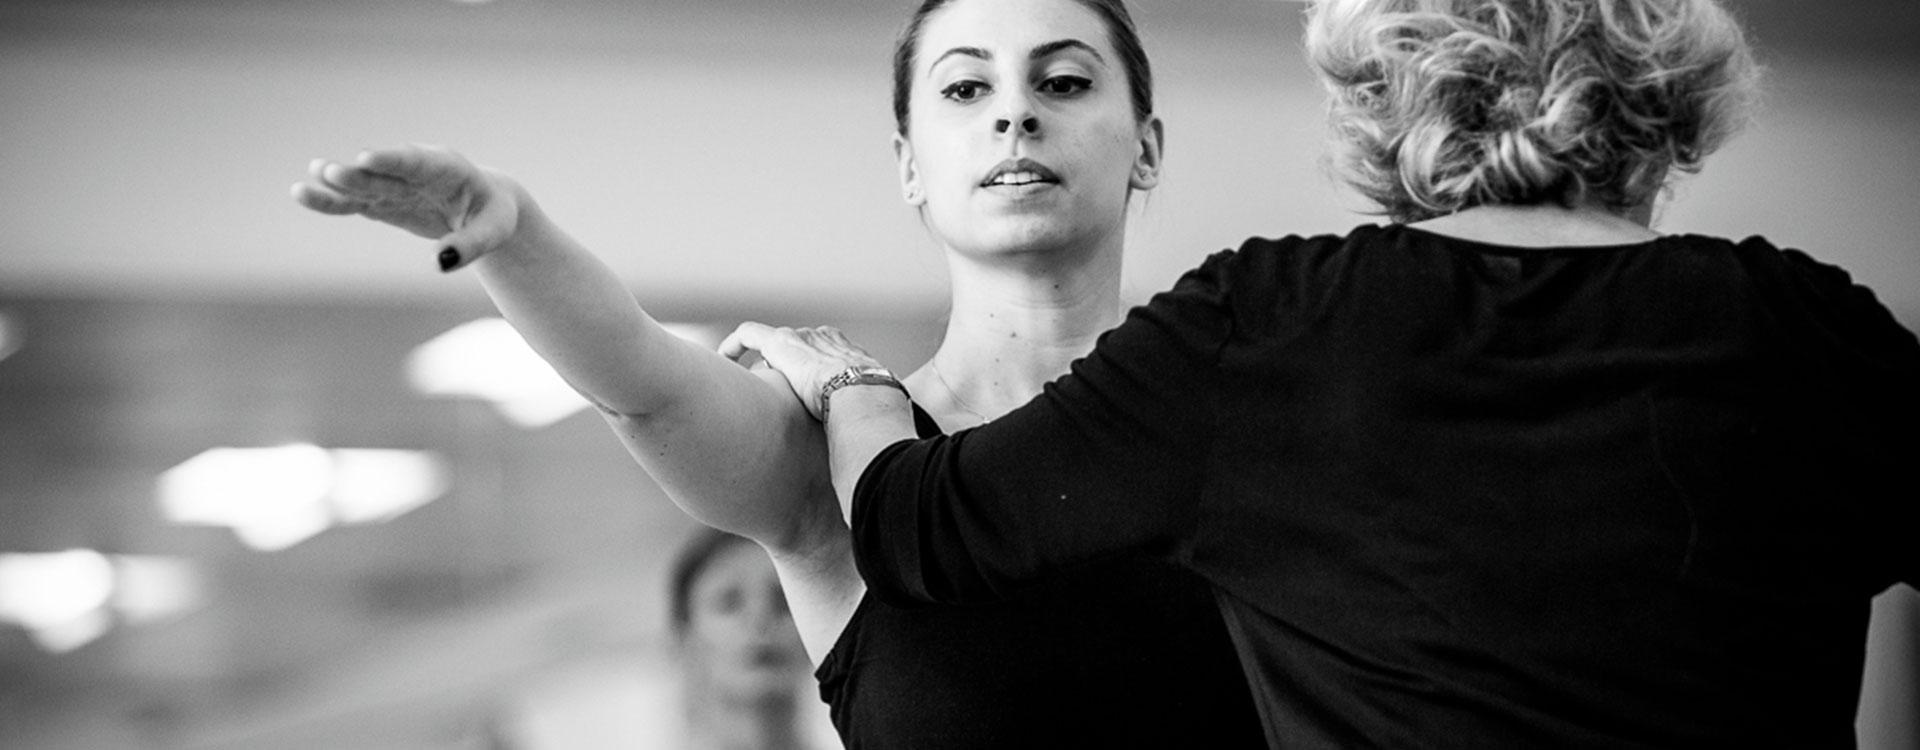 Corso insegnanti di danza - Terzo anno 2017/18